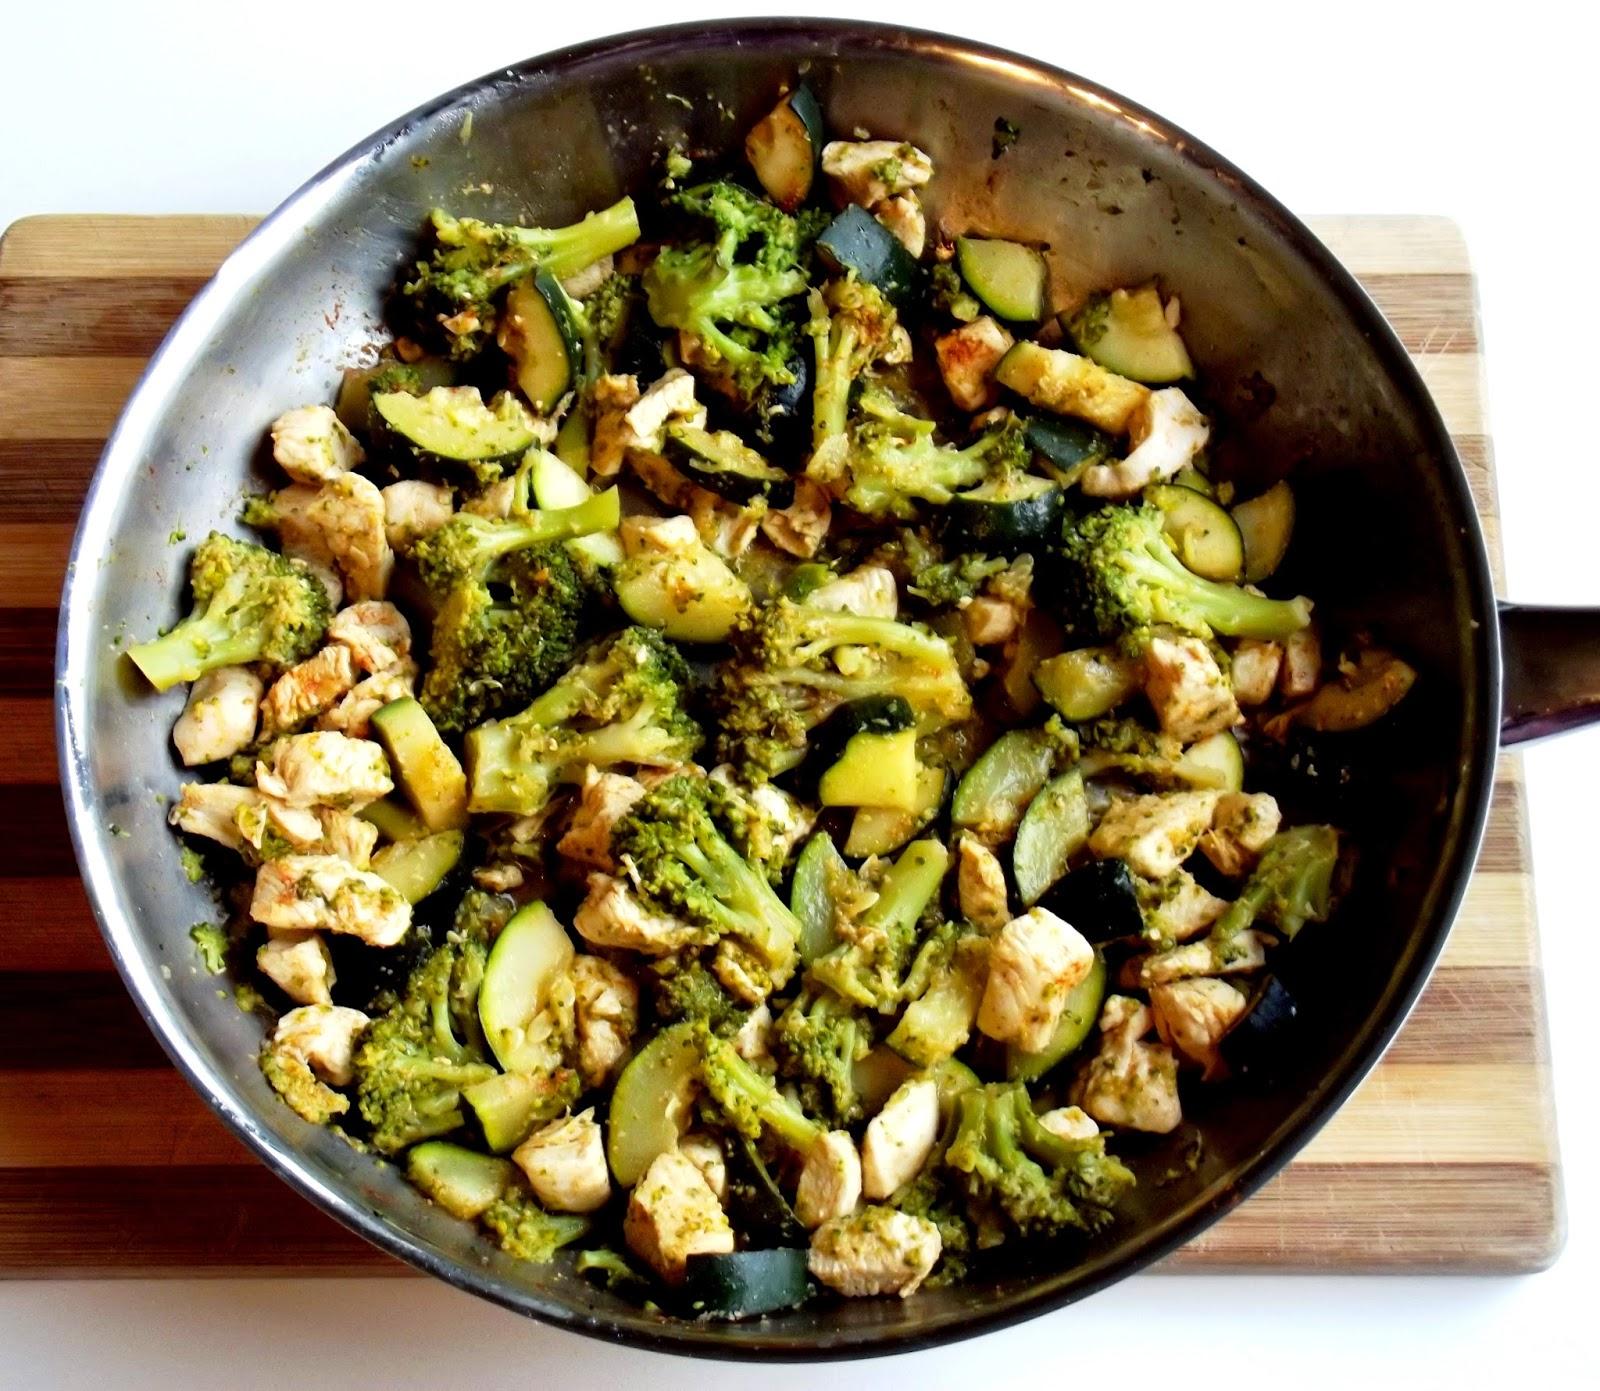 Jazzowe Smaki Dietetyczny Kurczak Z Brokulami I Cukinia